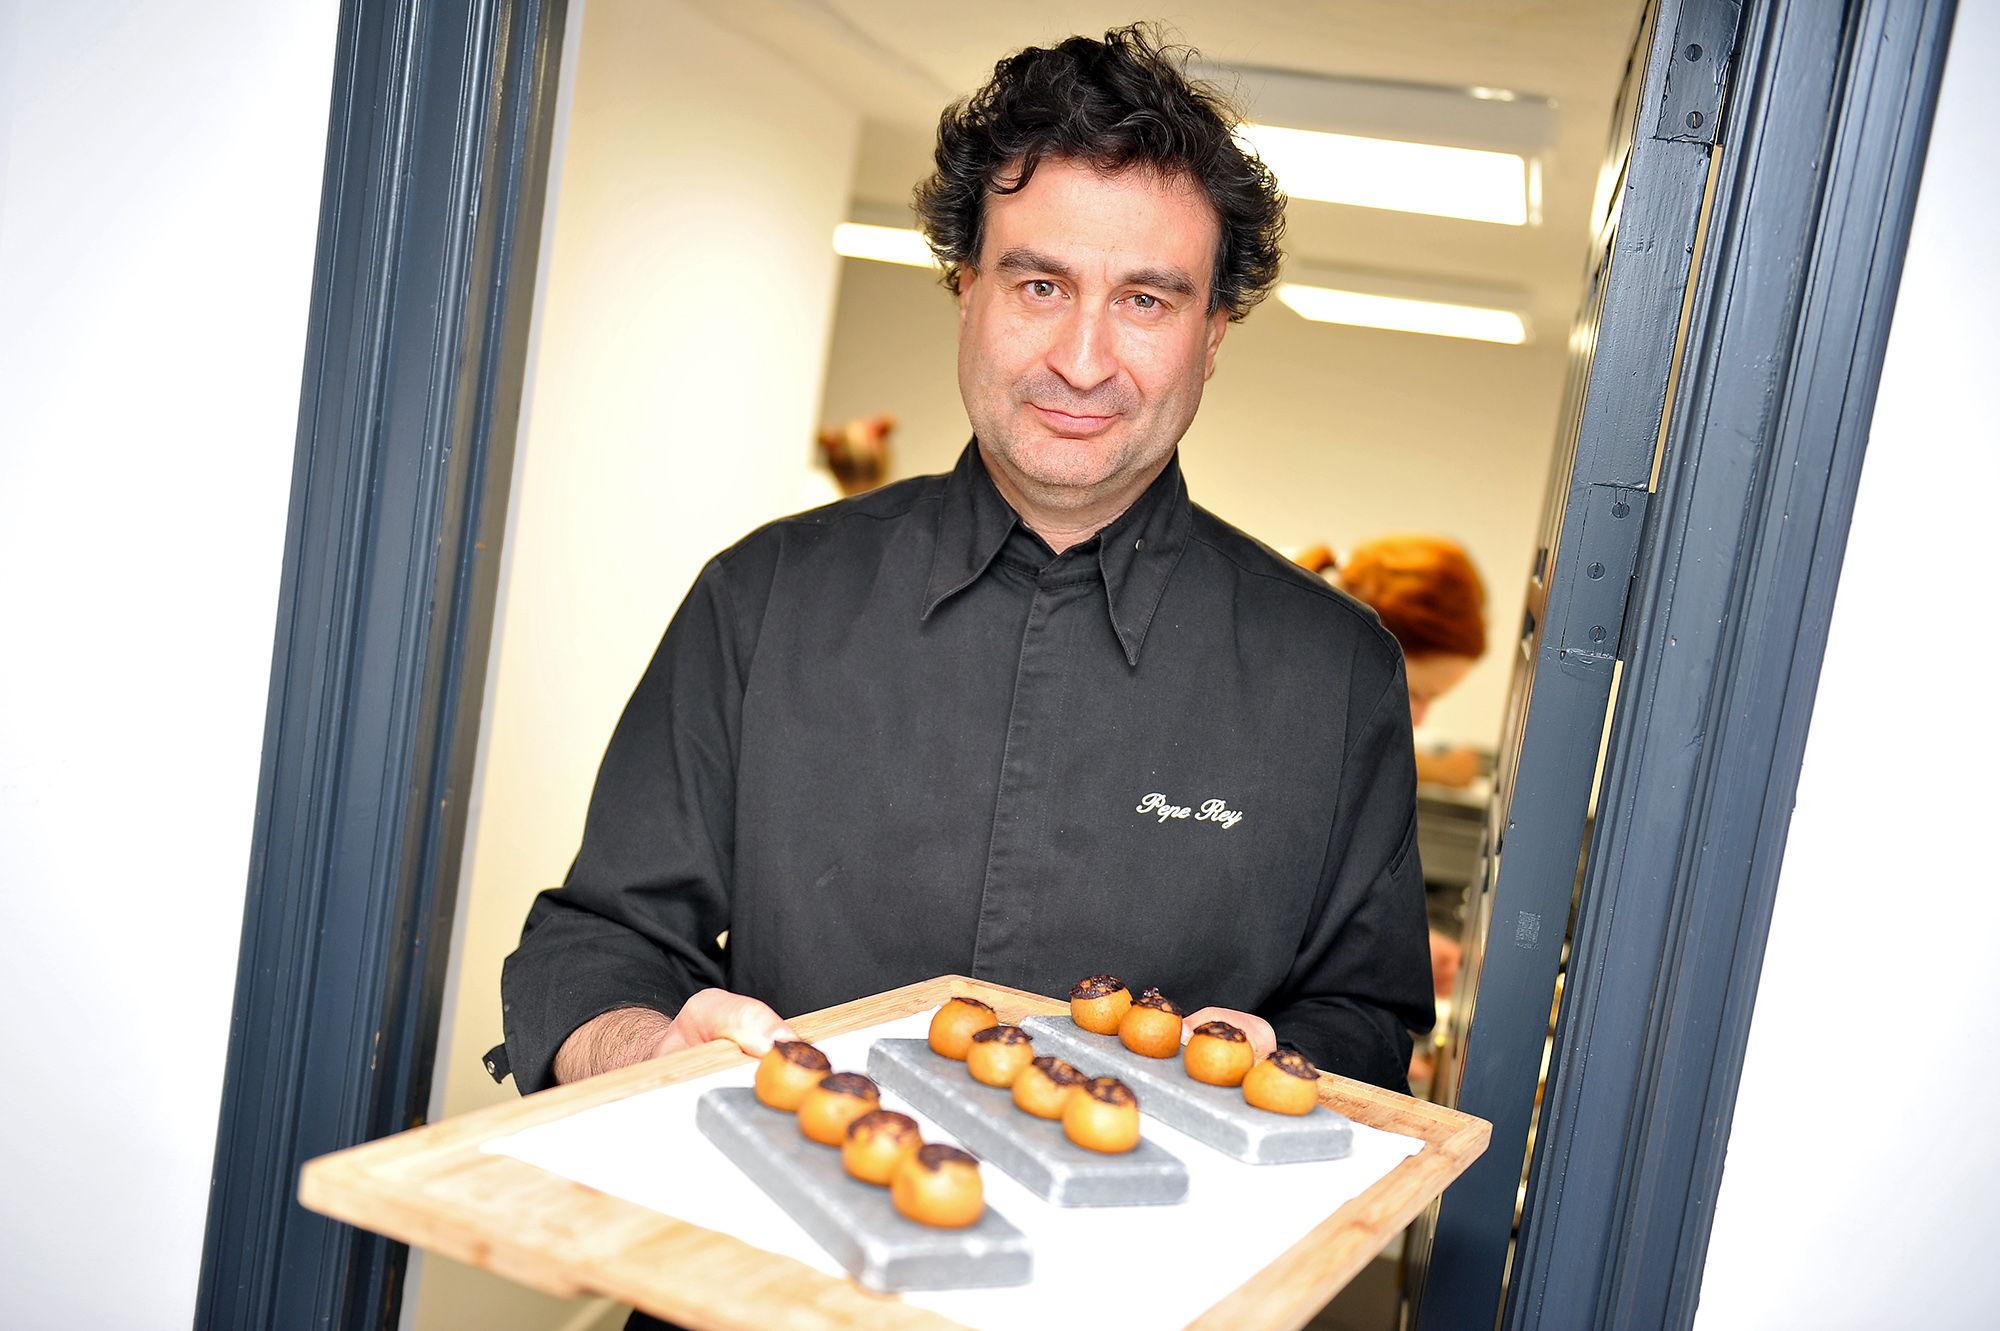 Internacional de Congresos Chef Pepe Rodríguez Restaurante El Bohio Obra Social La Caixa Store Toledo